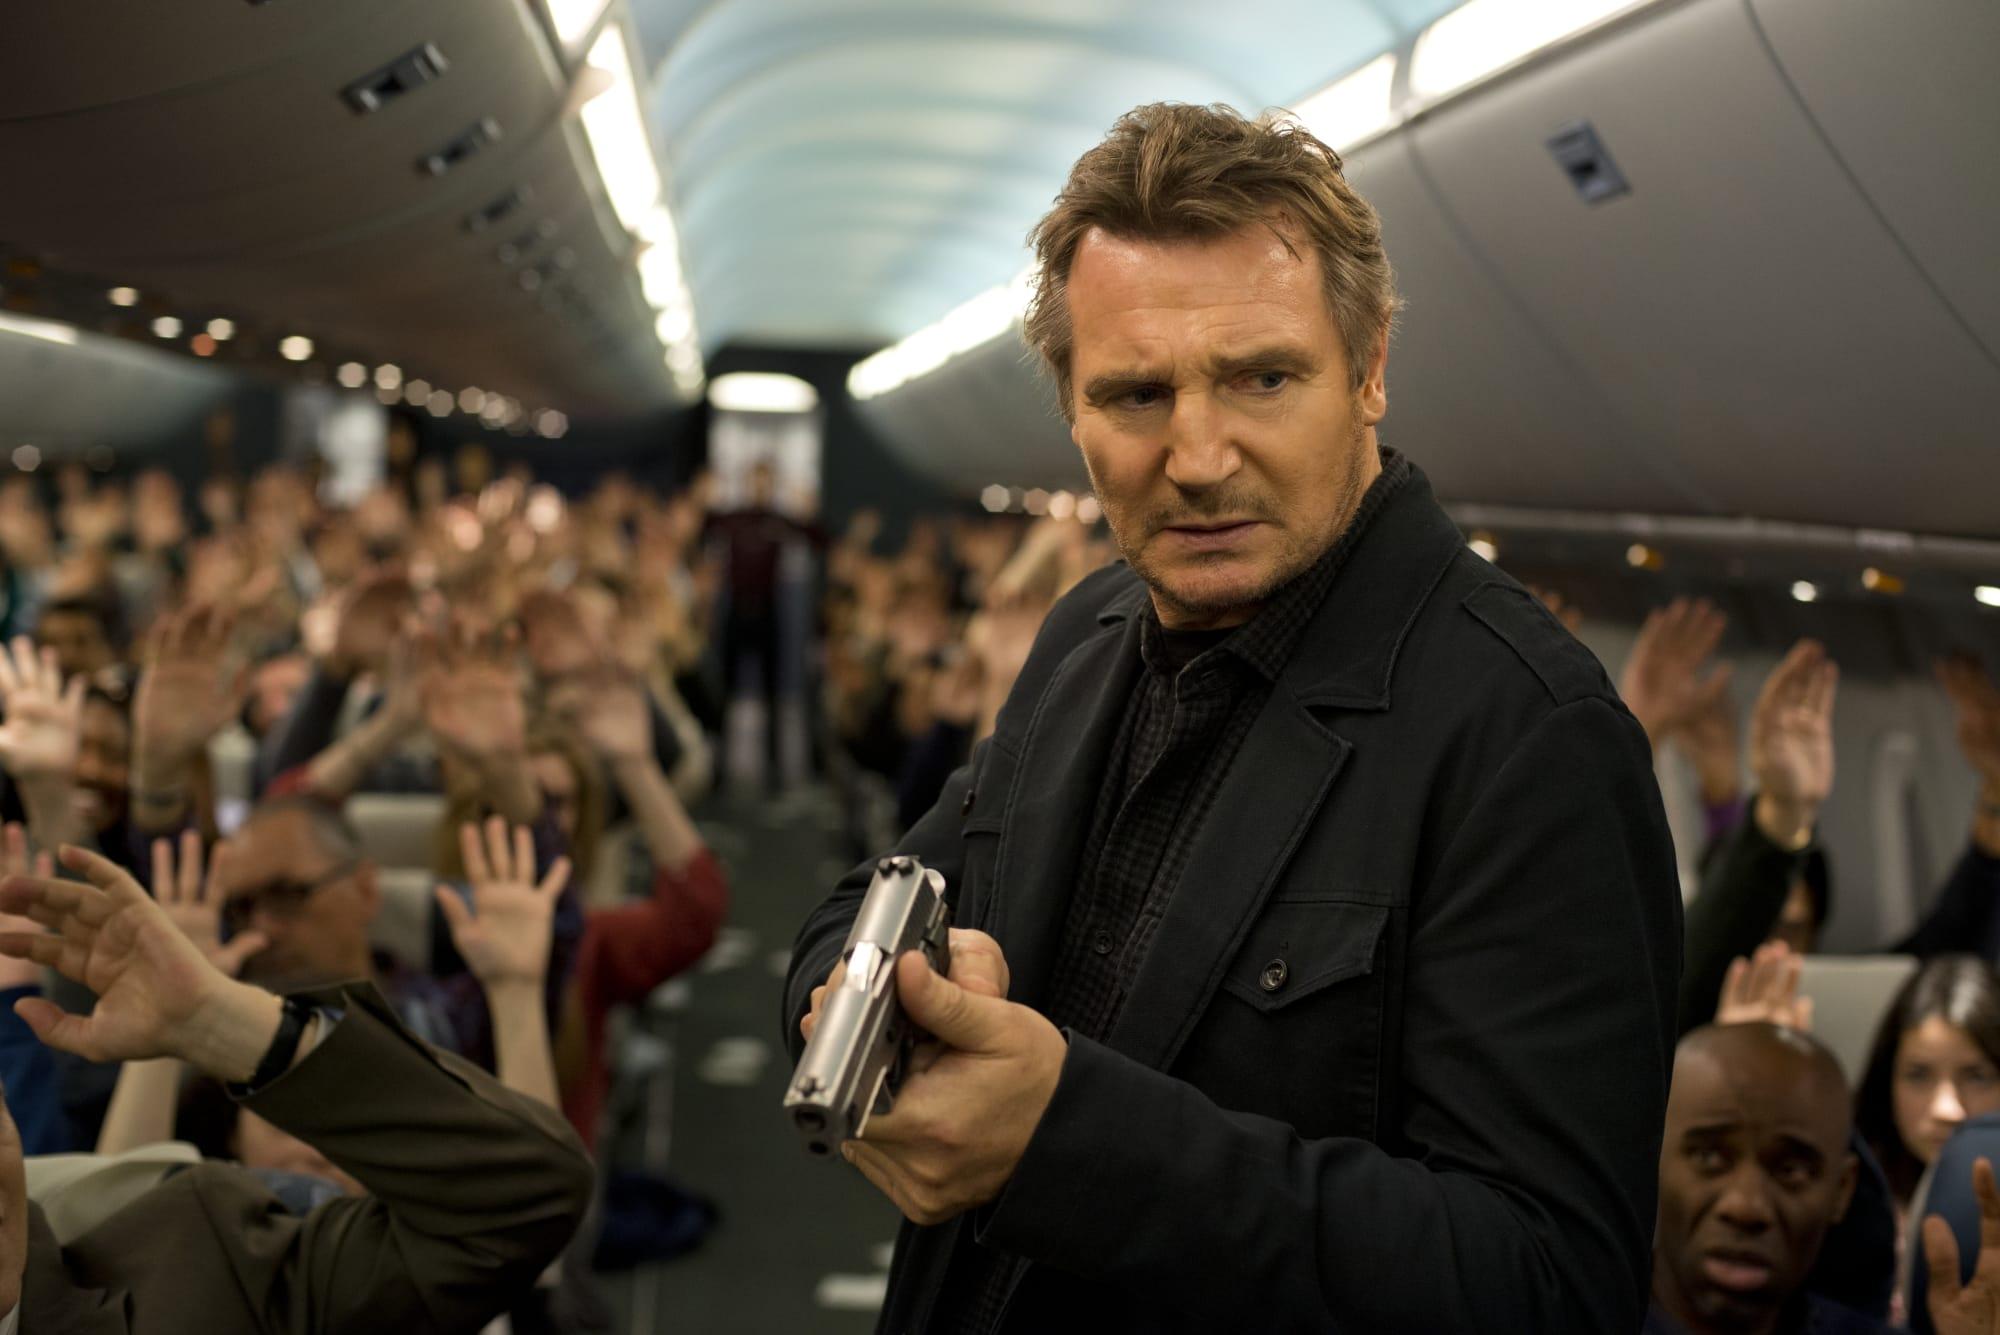 Liam-Neeson-Non-Stop